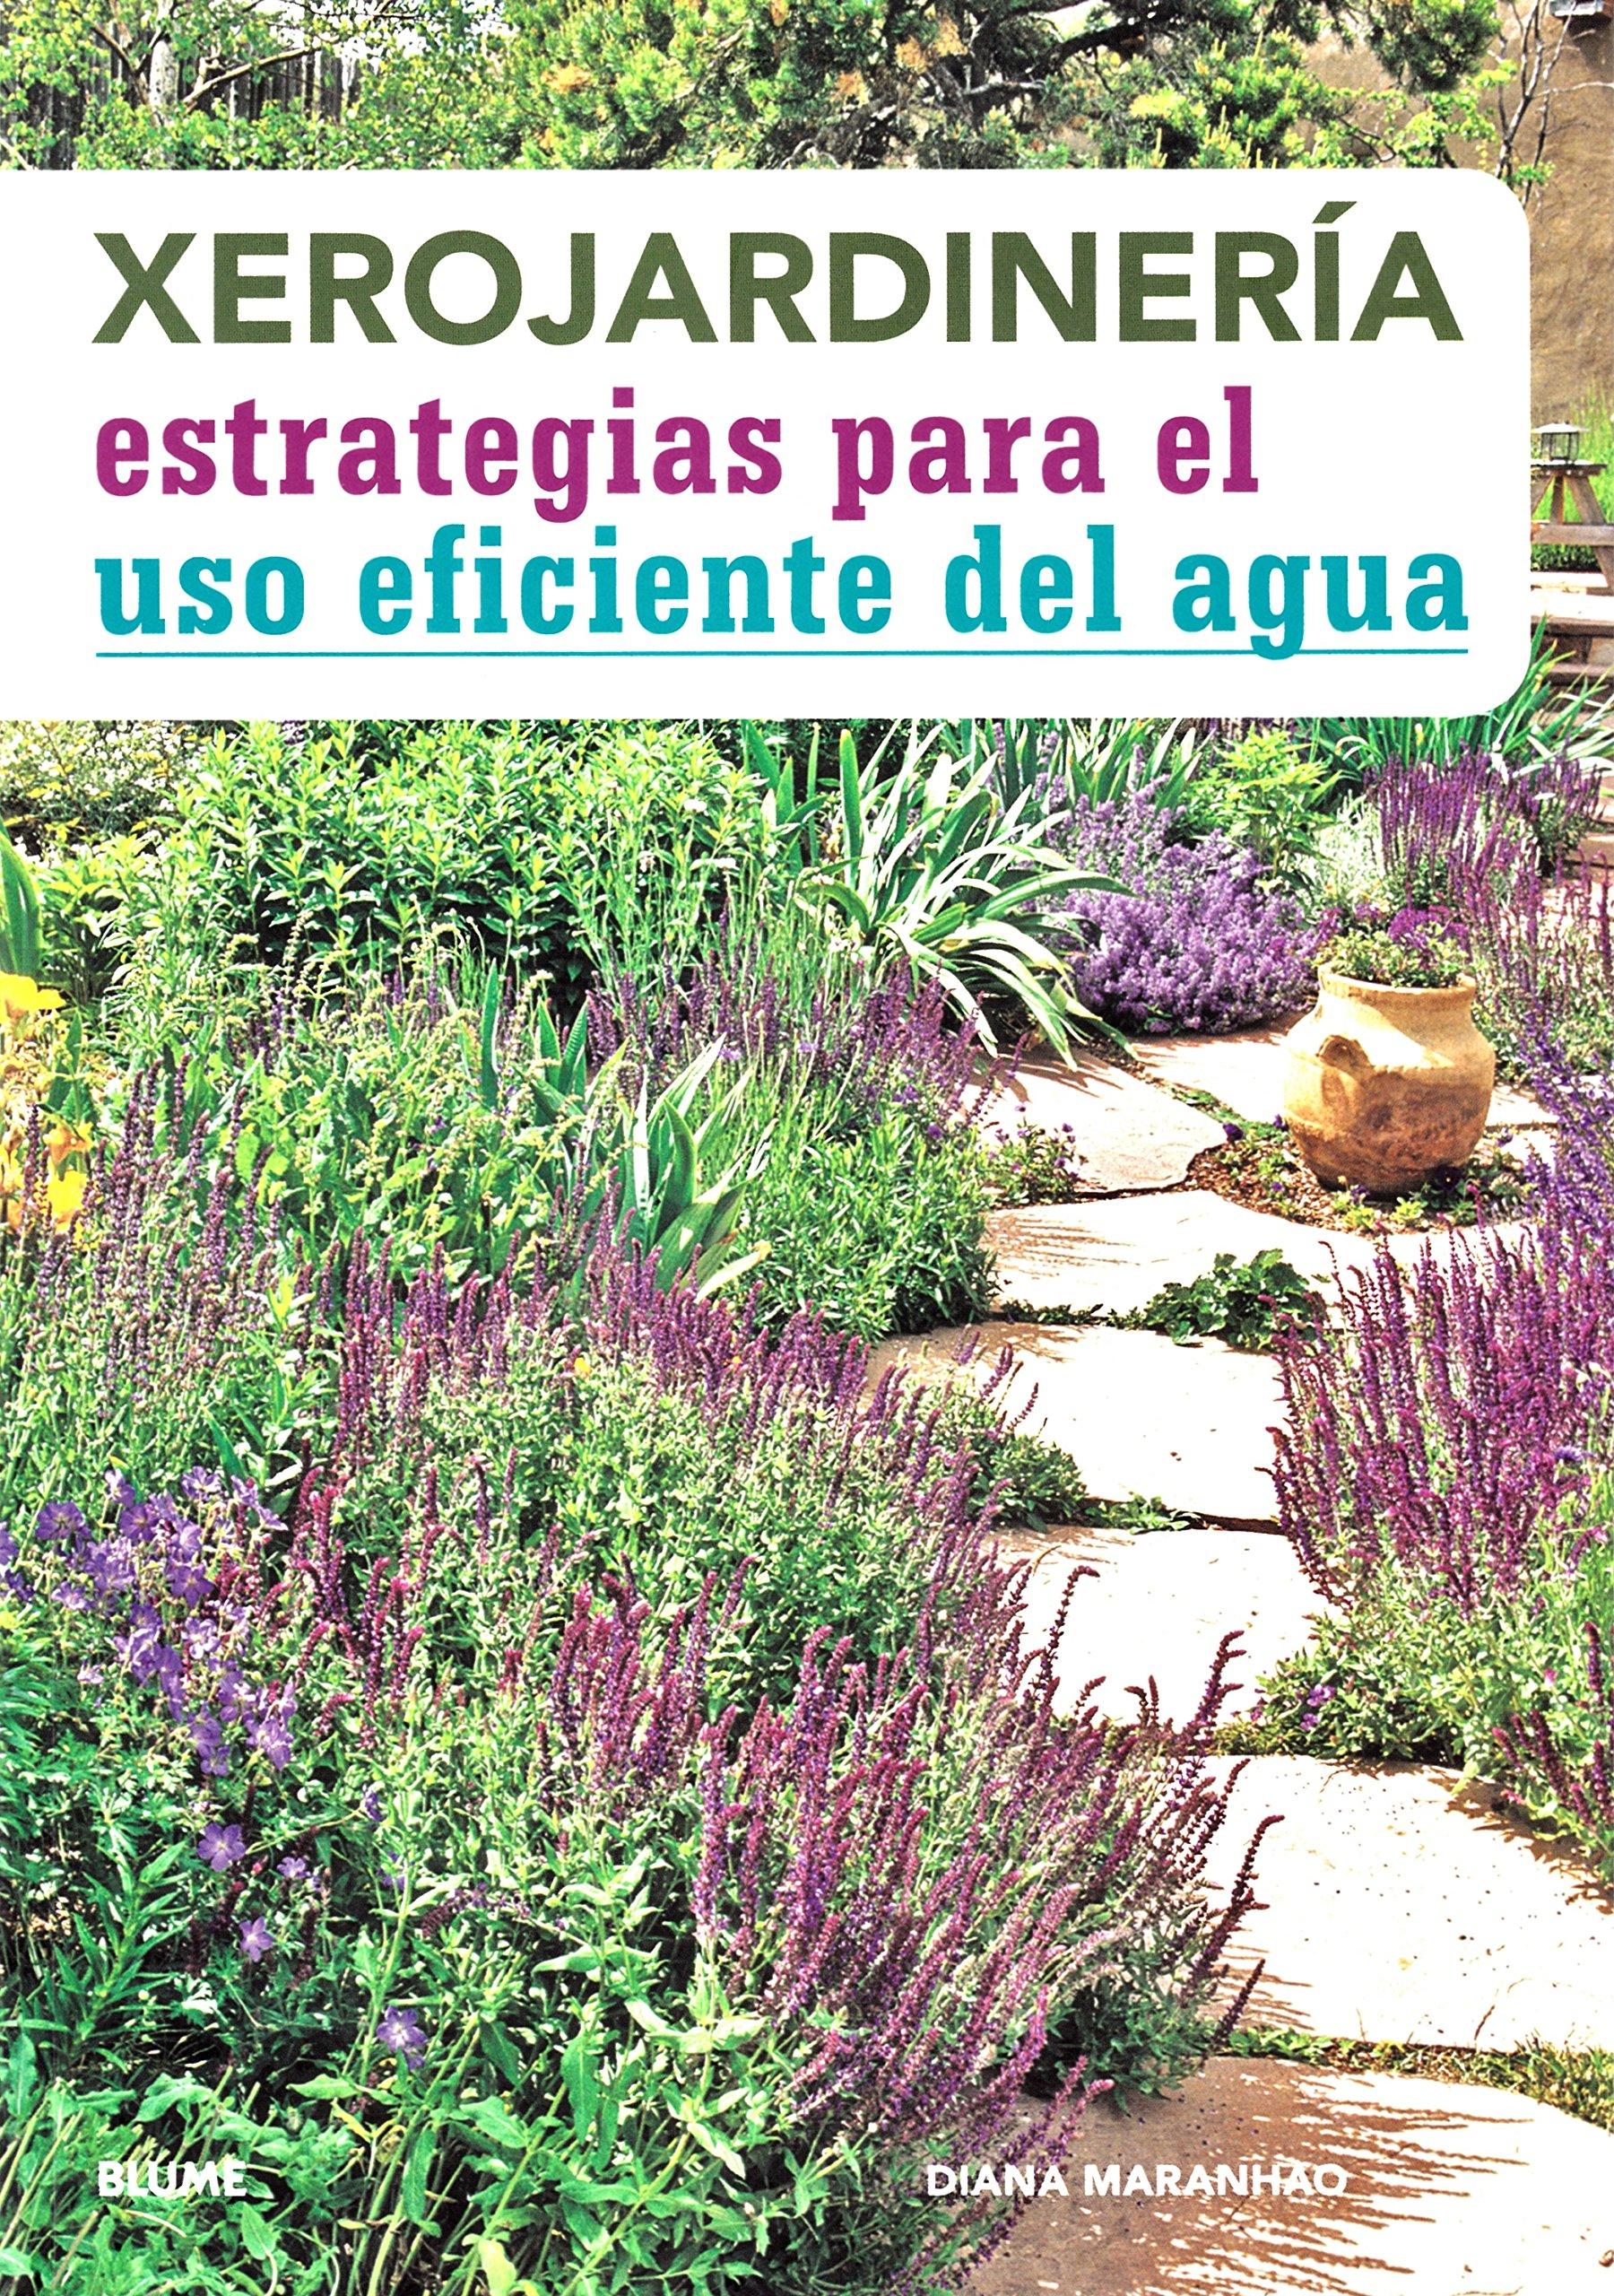 Xerojardinería: Amazon.es: Diana Maranhao, Cristina Rodríguez Fischer,  Cristina Escobar González, María Teresa Rodríguez Fischer: Libros